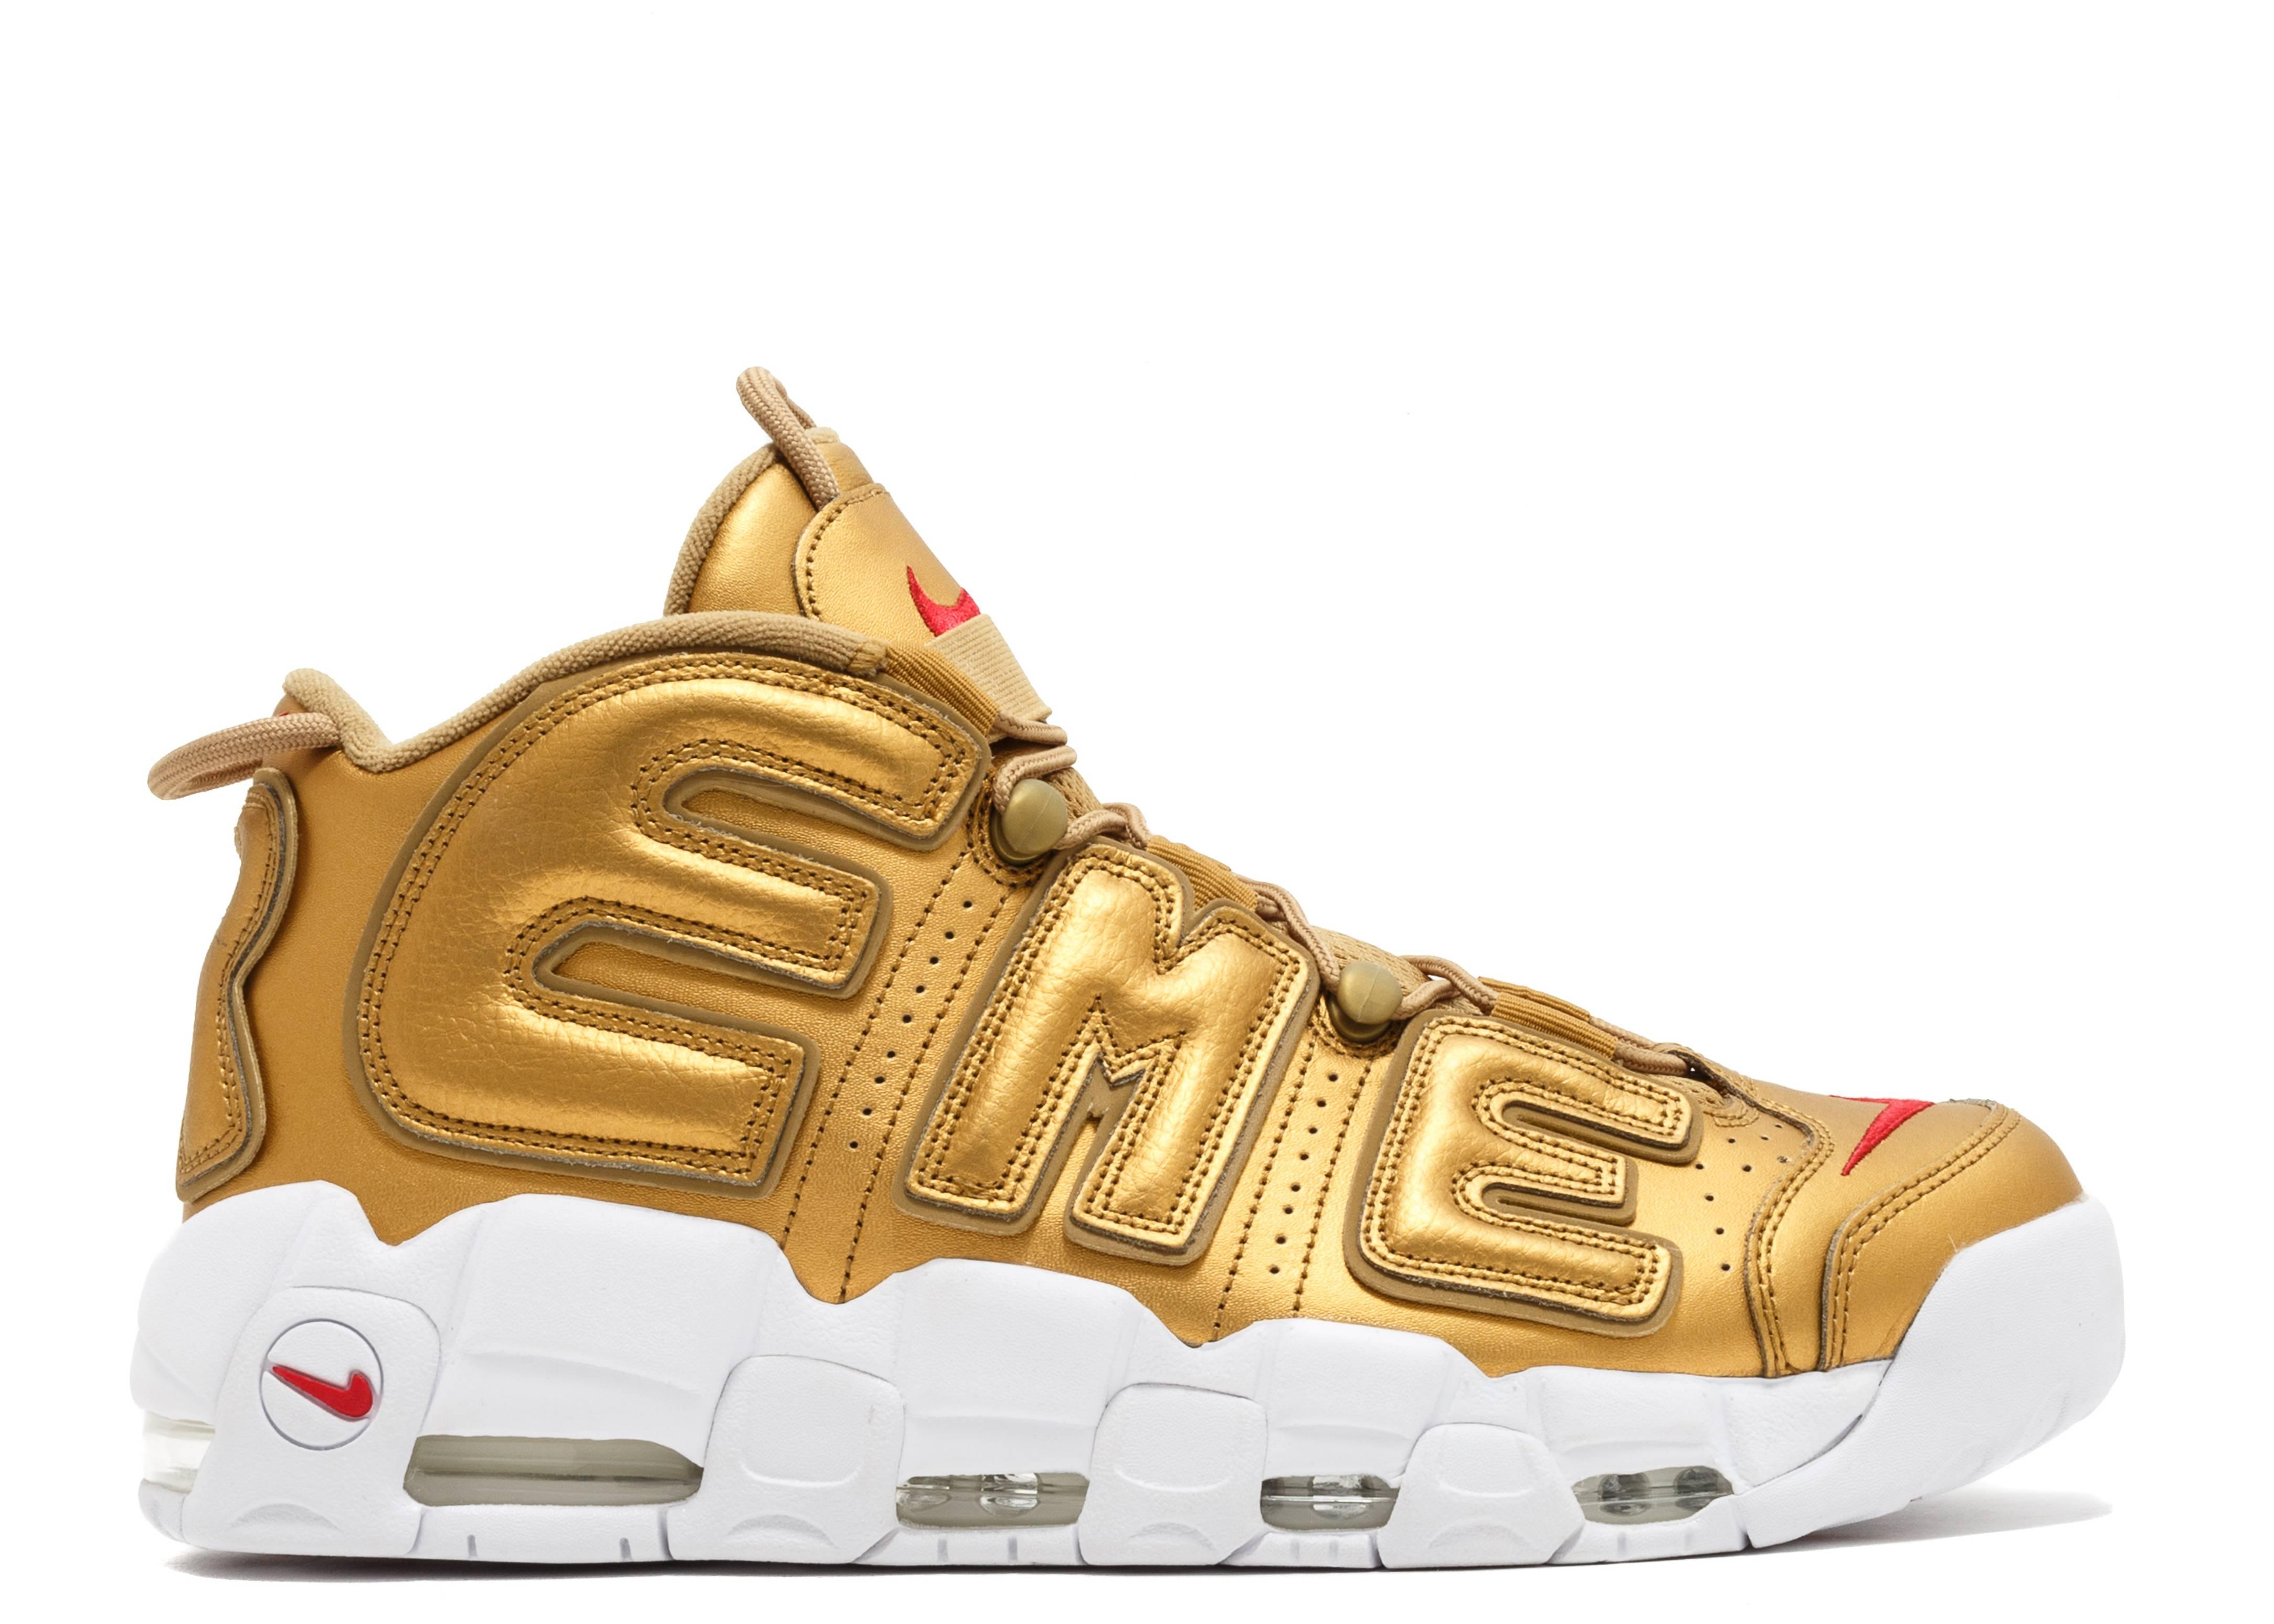 Representación Contribuyente Fascinante  Supreme X Air More Uptempo 'Metallic Gold' - Nike - 902290 700 - metallic  gold/white | Flight Club